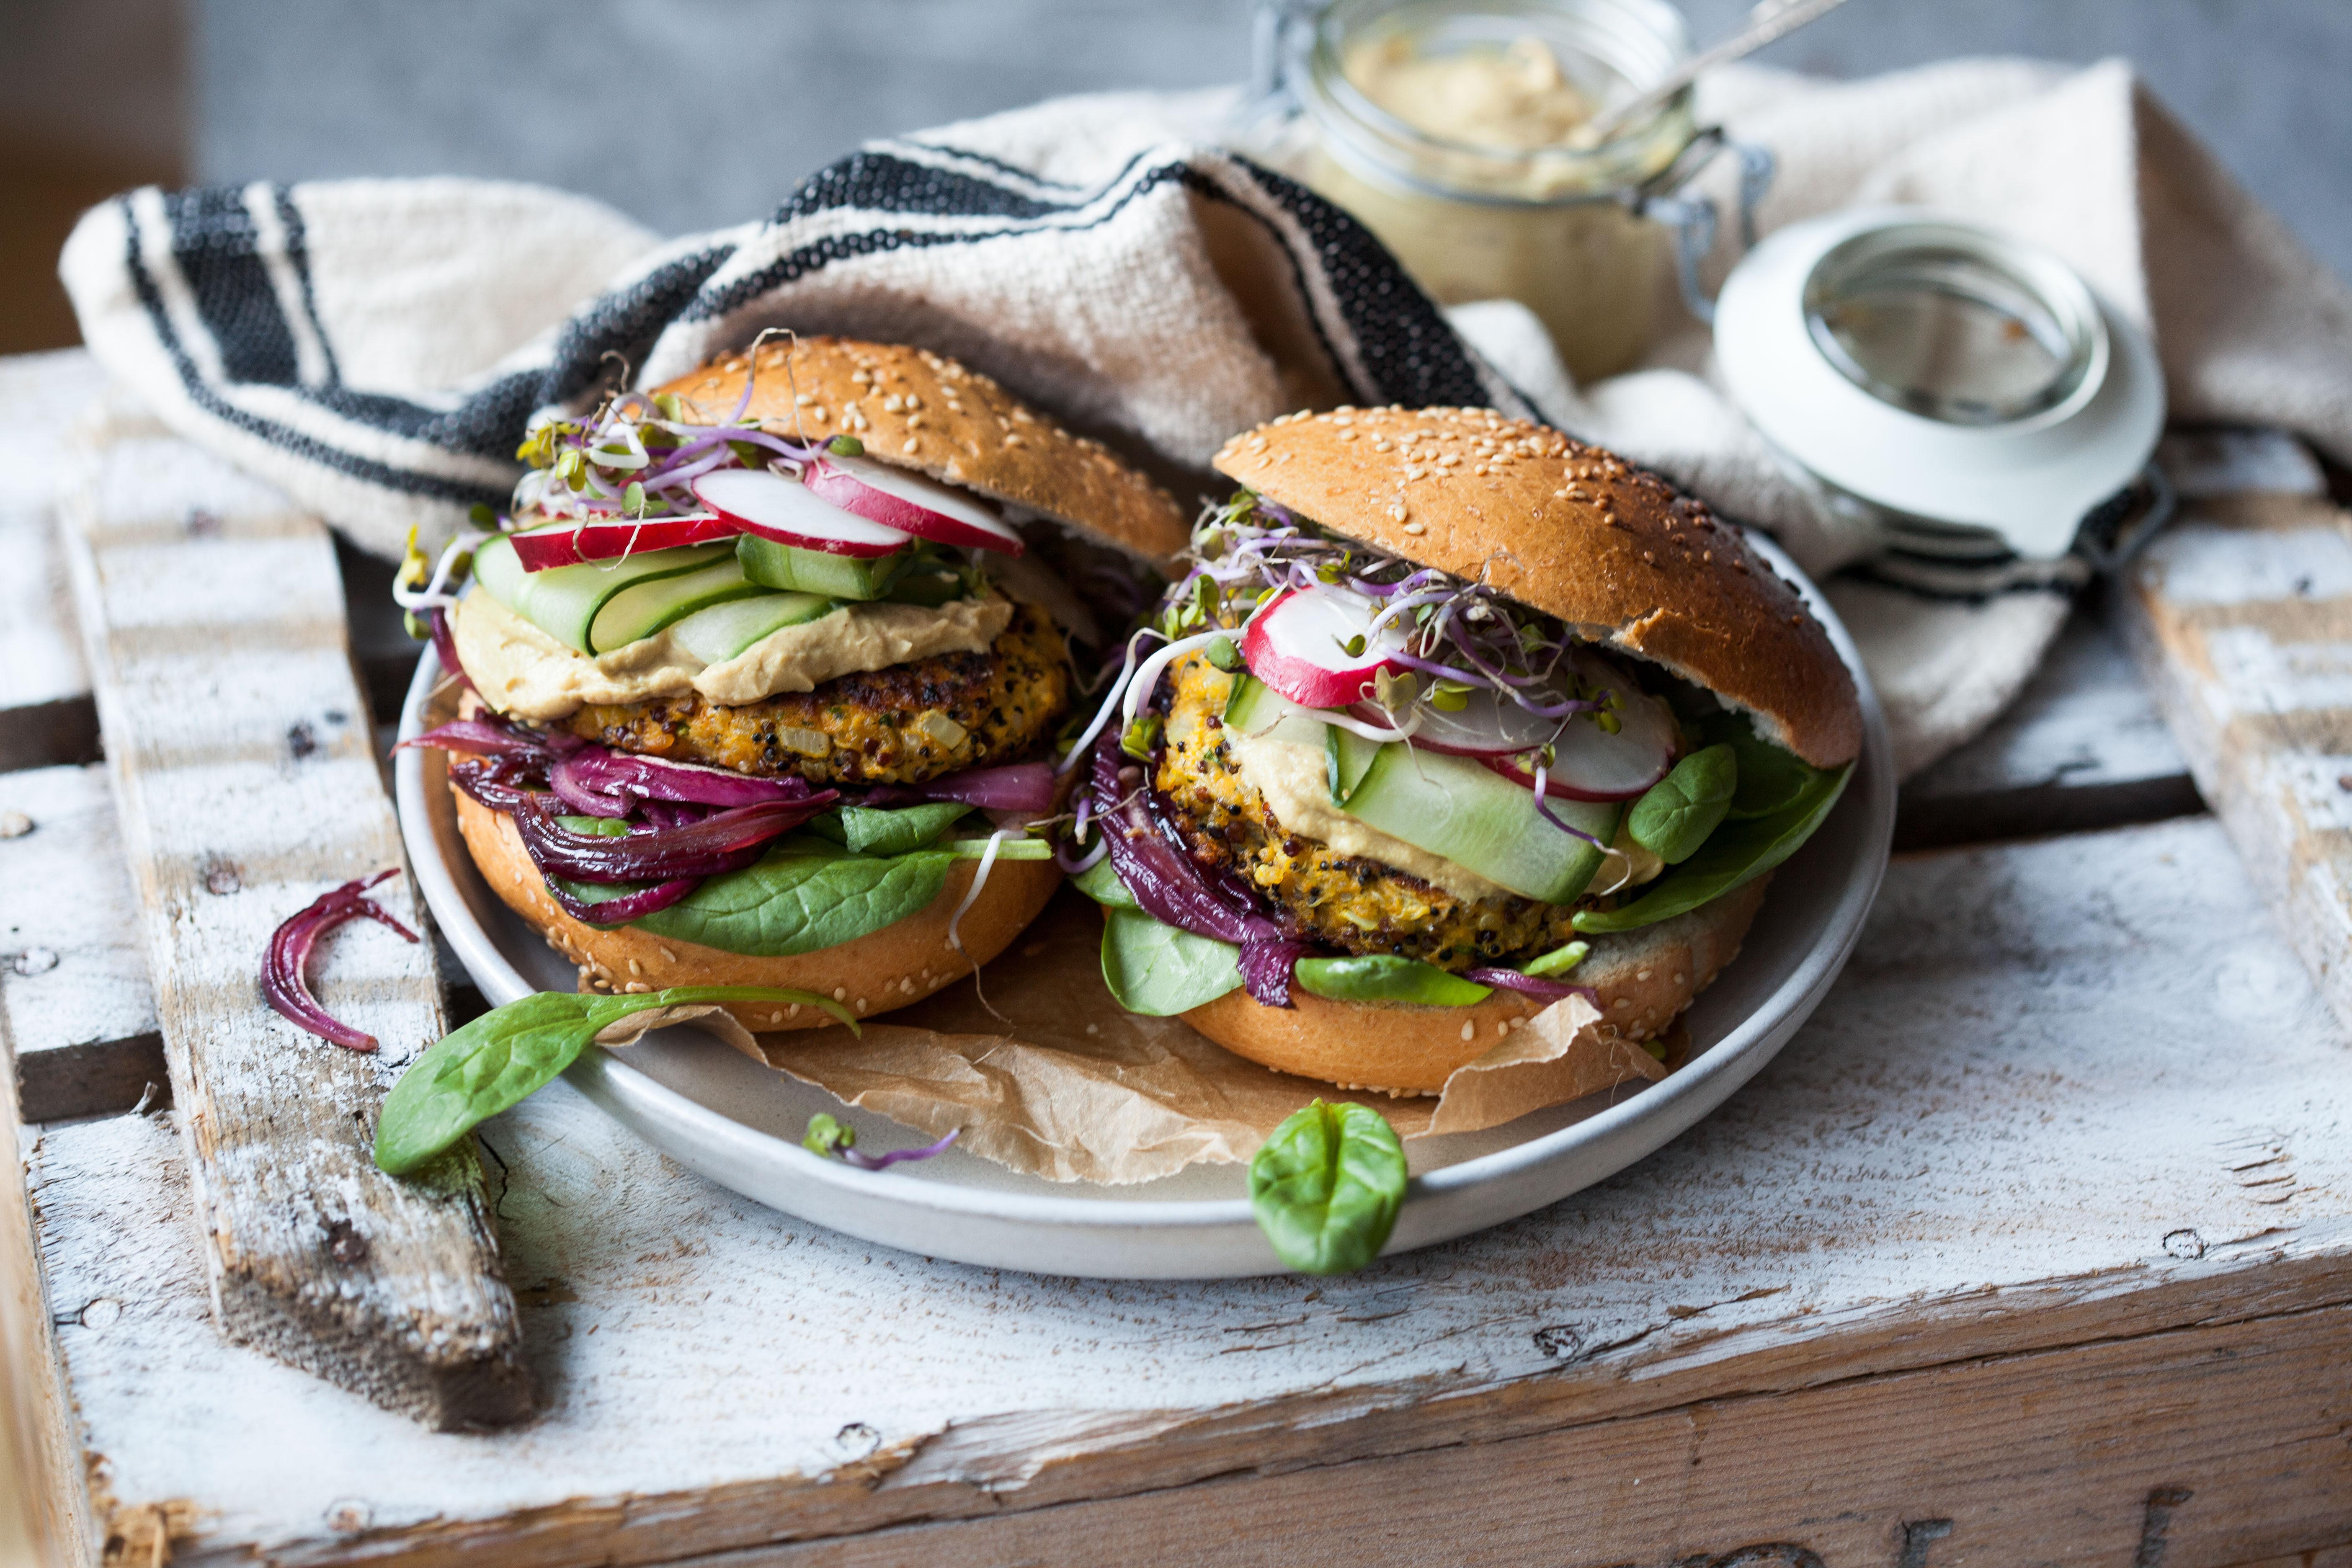 Burger_ReschuFrisch_Foodtastic_MG_0182